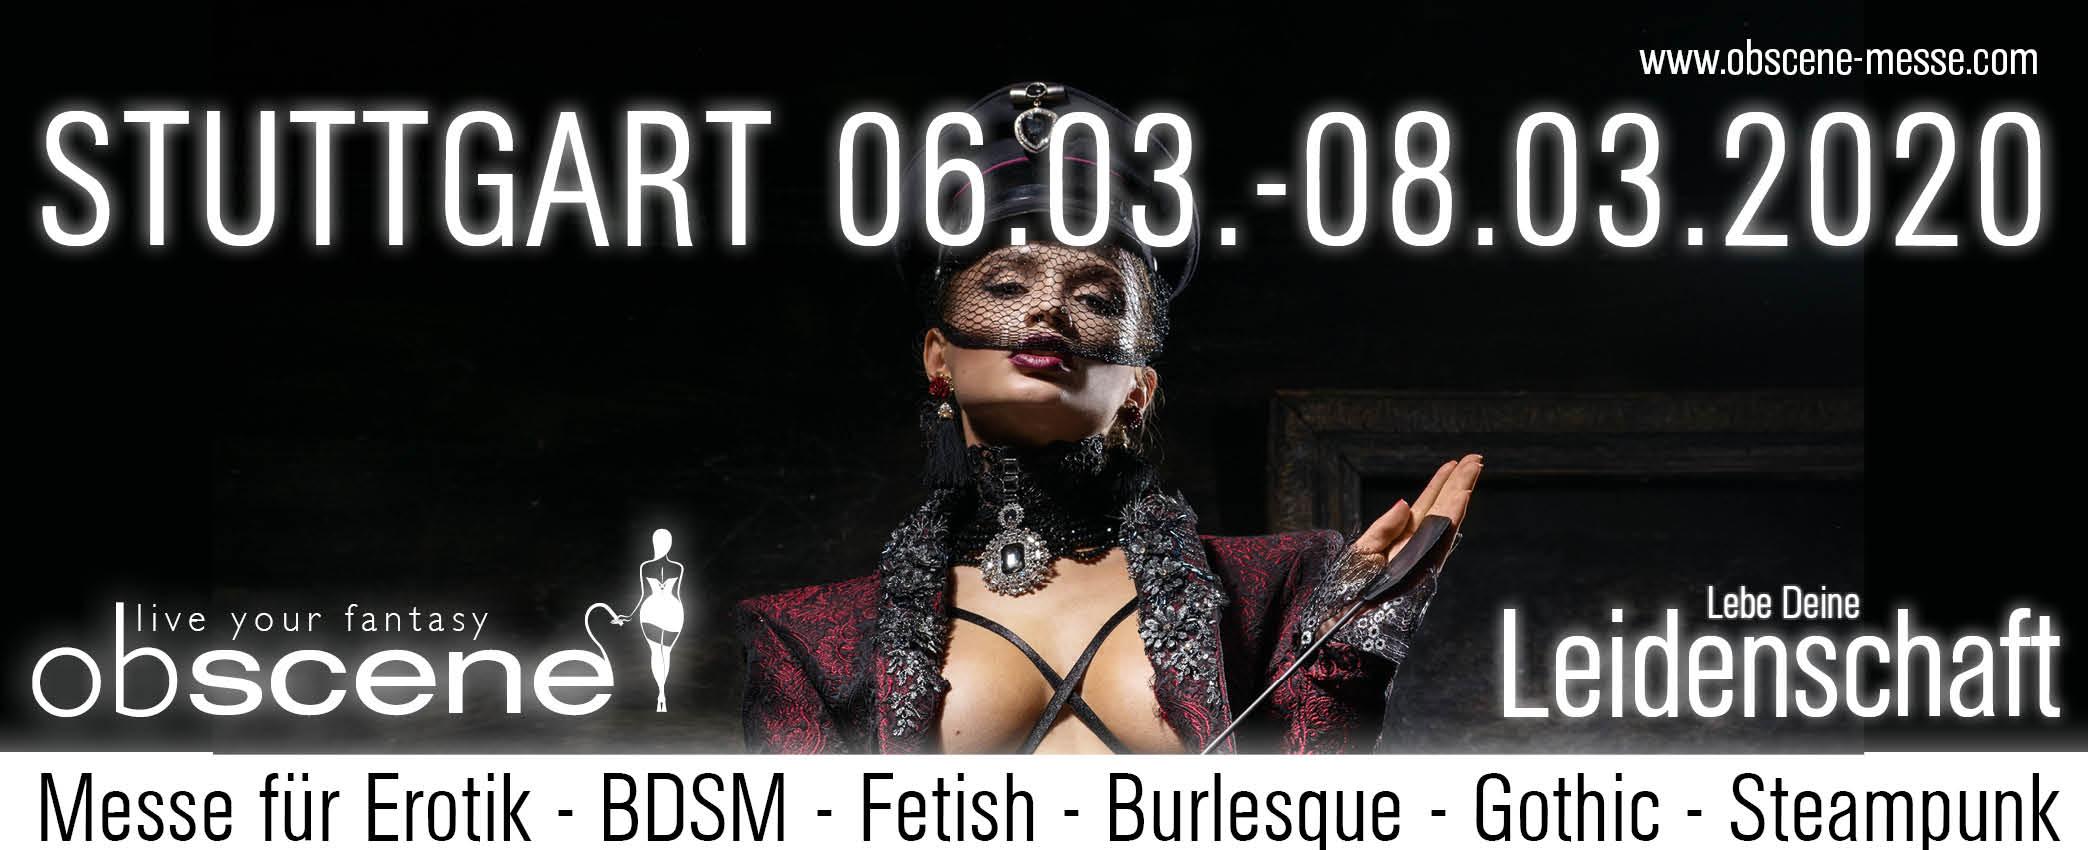 Messe Obscene Stuttgart